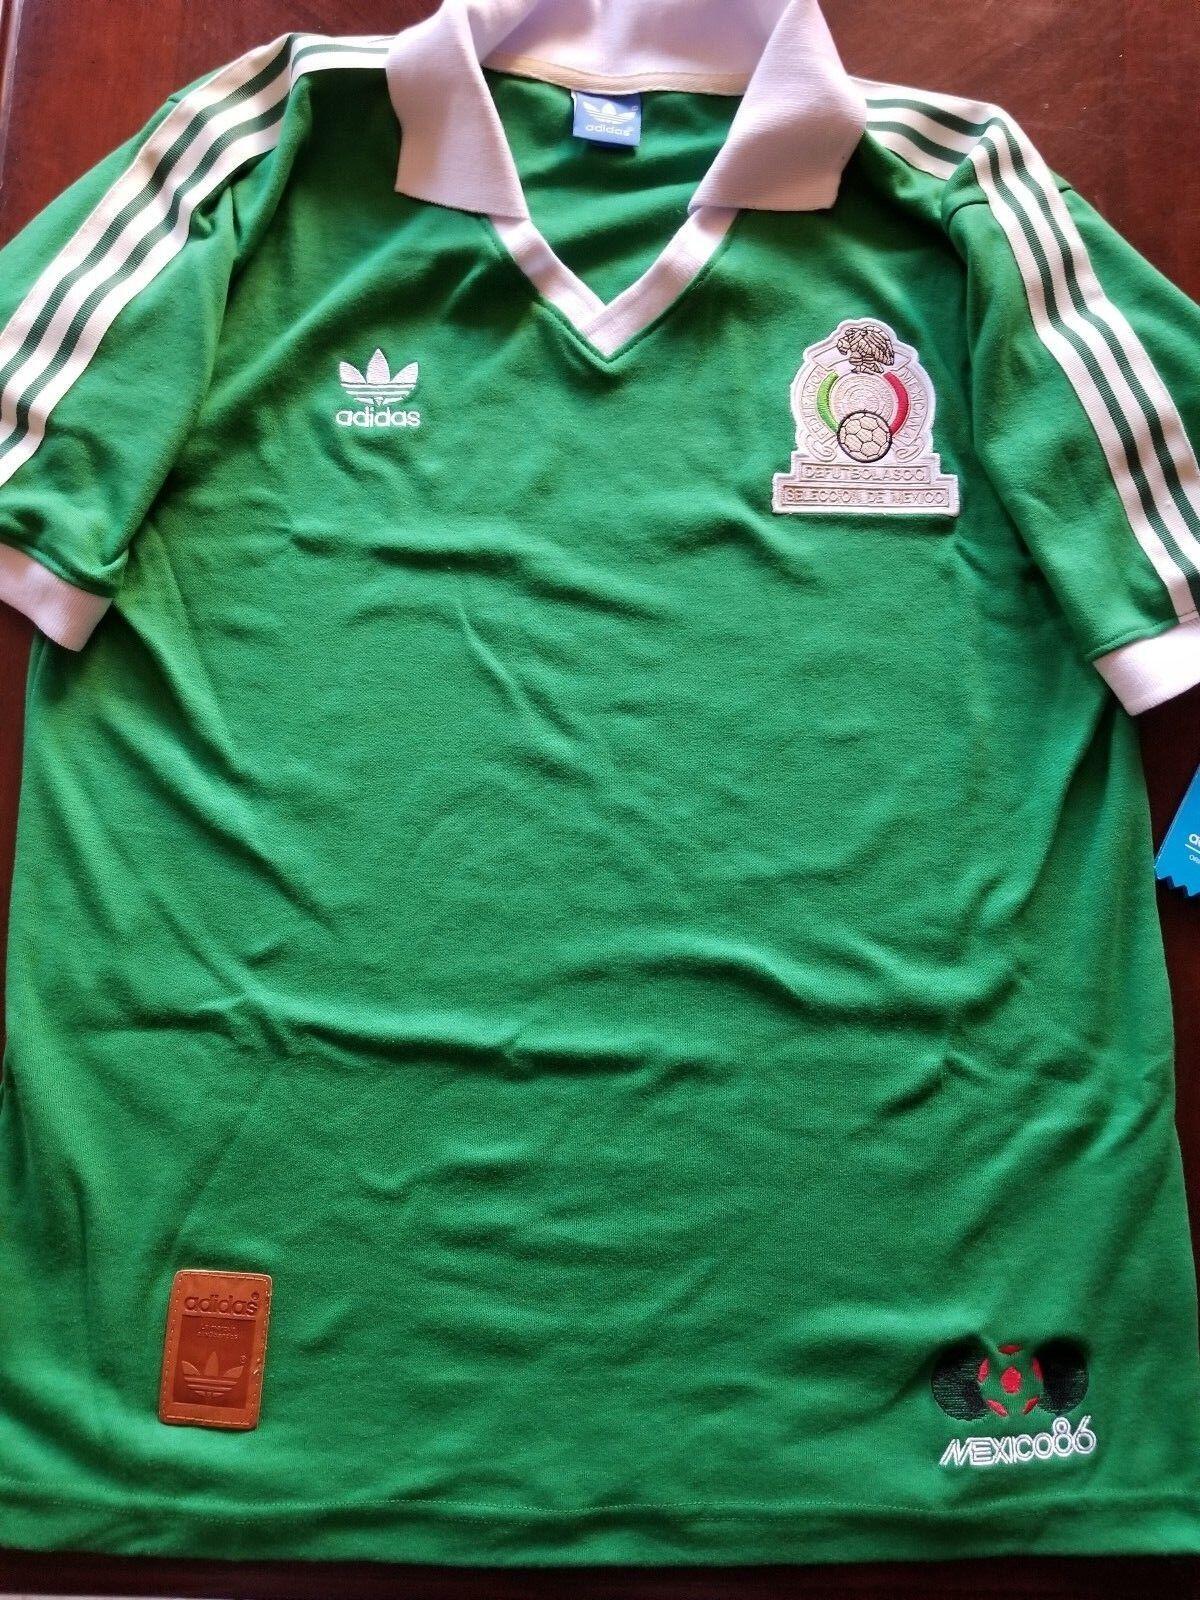 Adidas Mexico 86 Jersey Seleccion Mexicana Chivas America Cruz ...